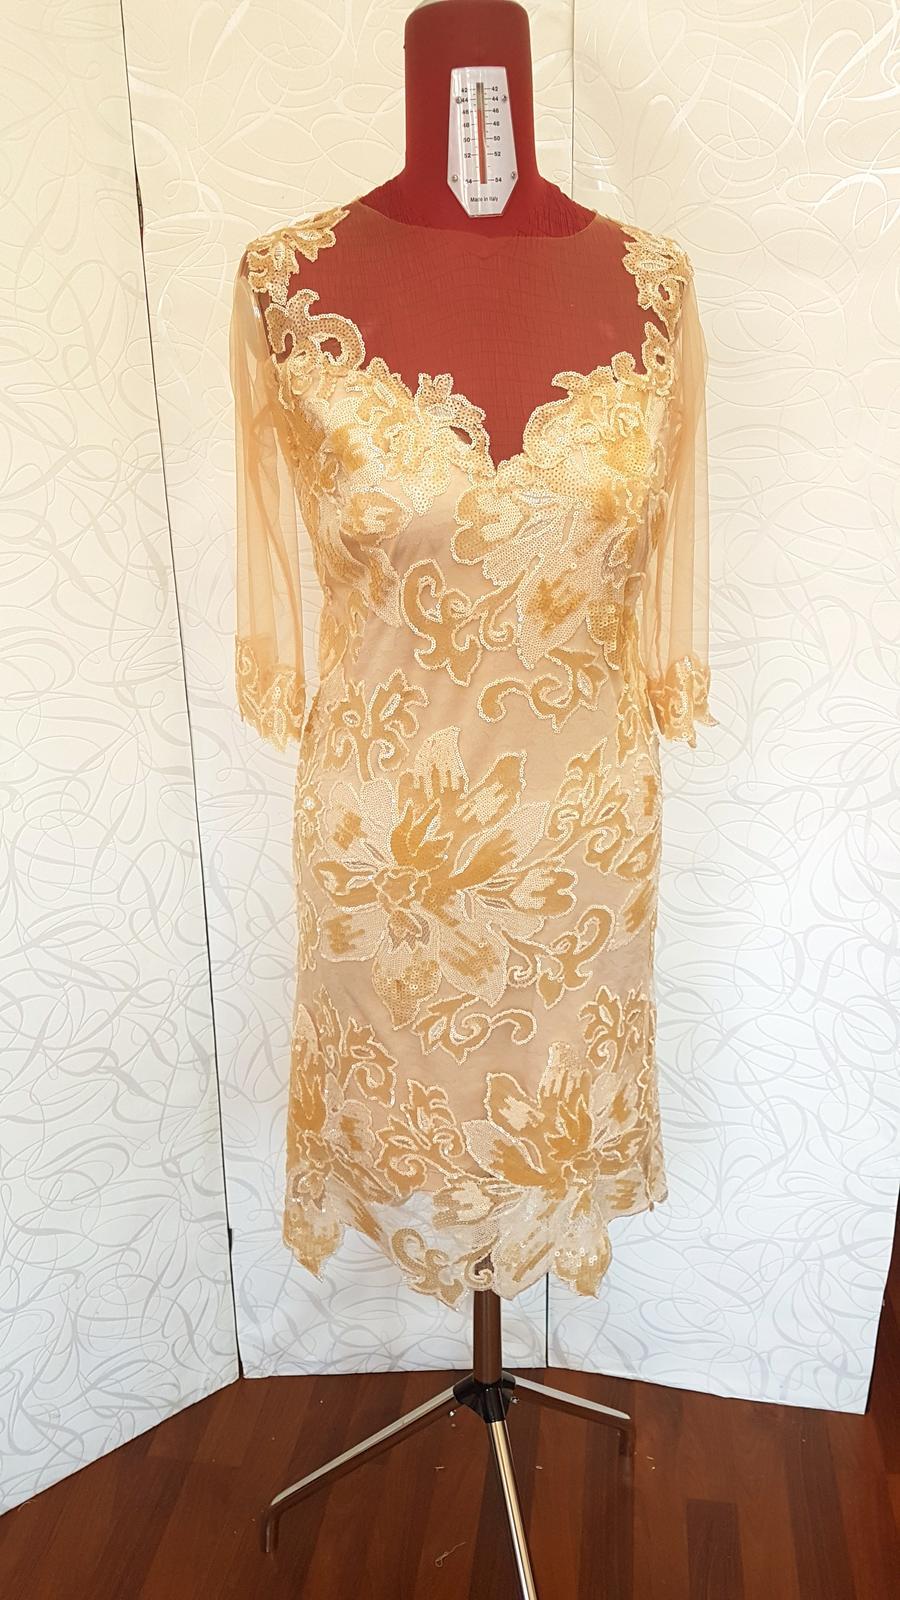 57b5695b80ff Šaty pre svadobnú mamku - kde ich zohnať  - - Spo...